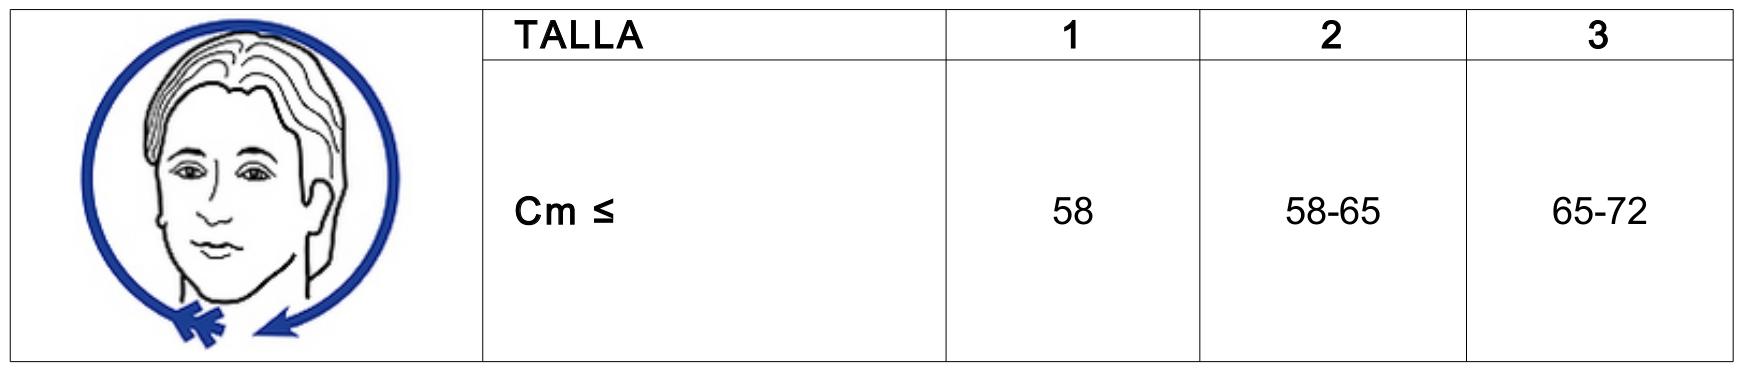 Guía de tallas Careta PBT HEMA 350N